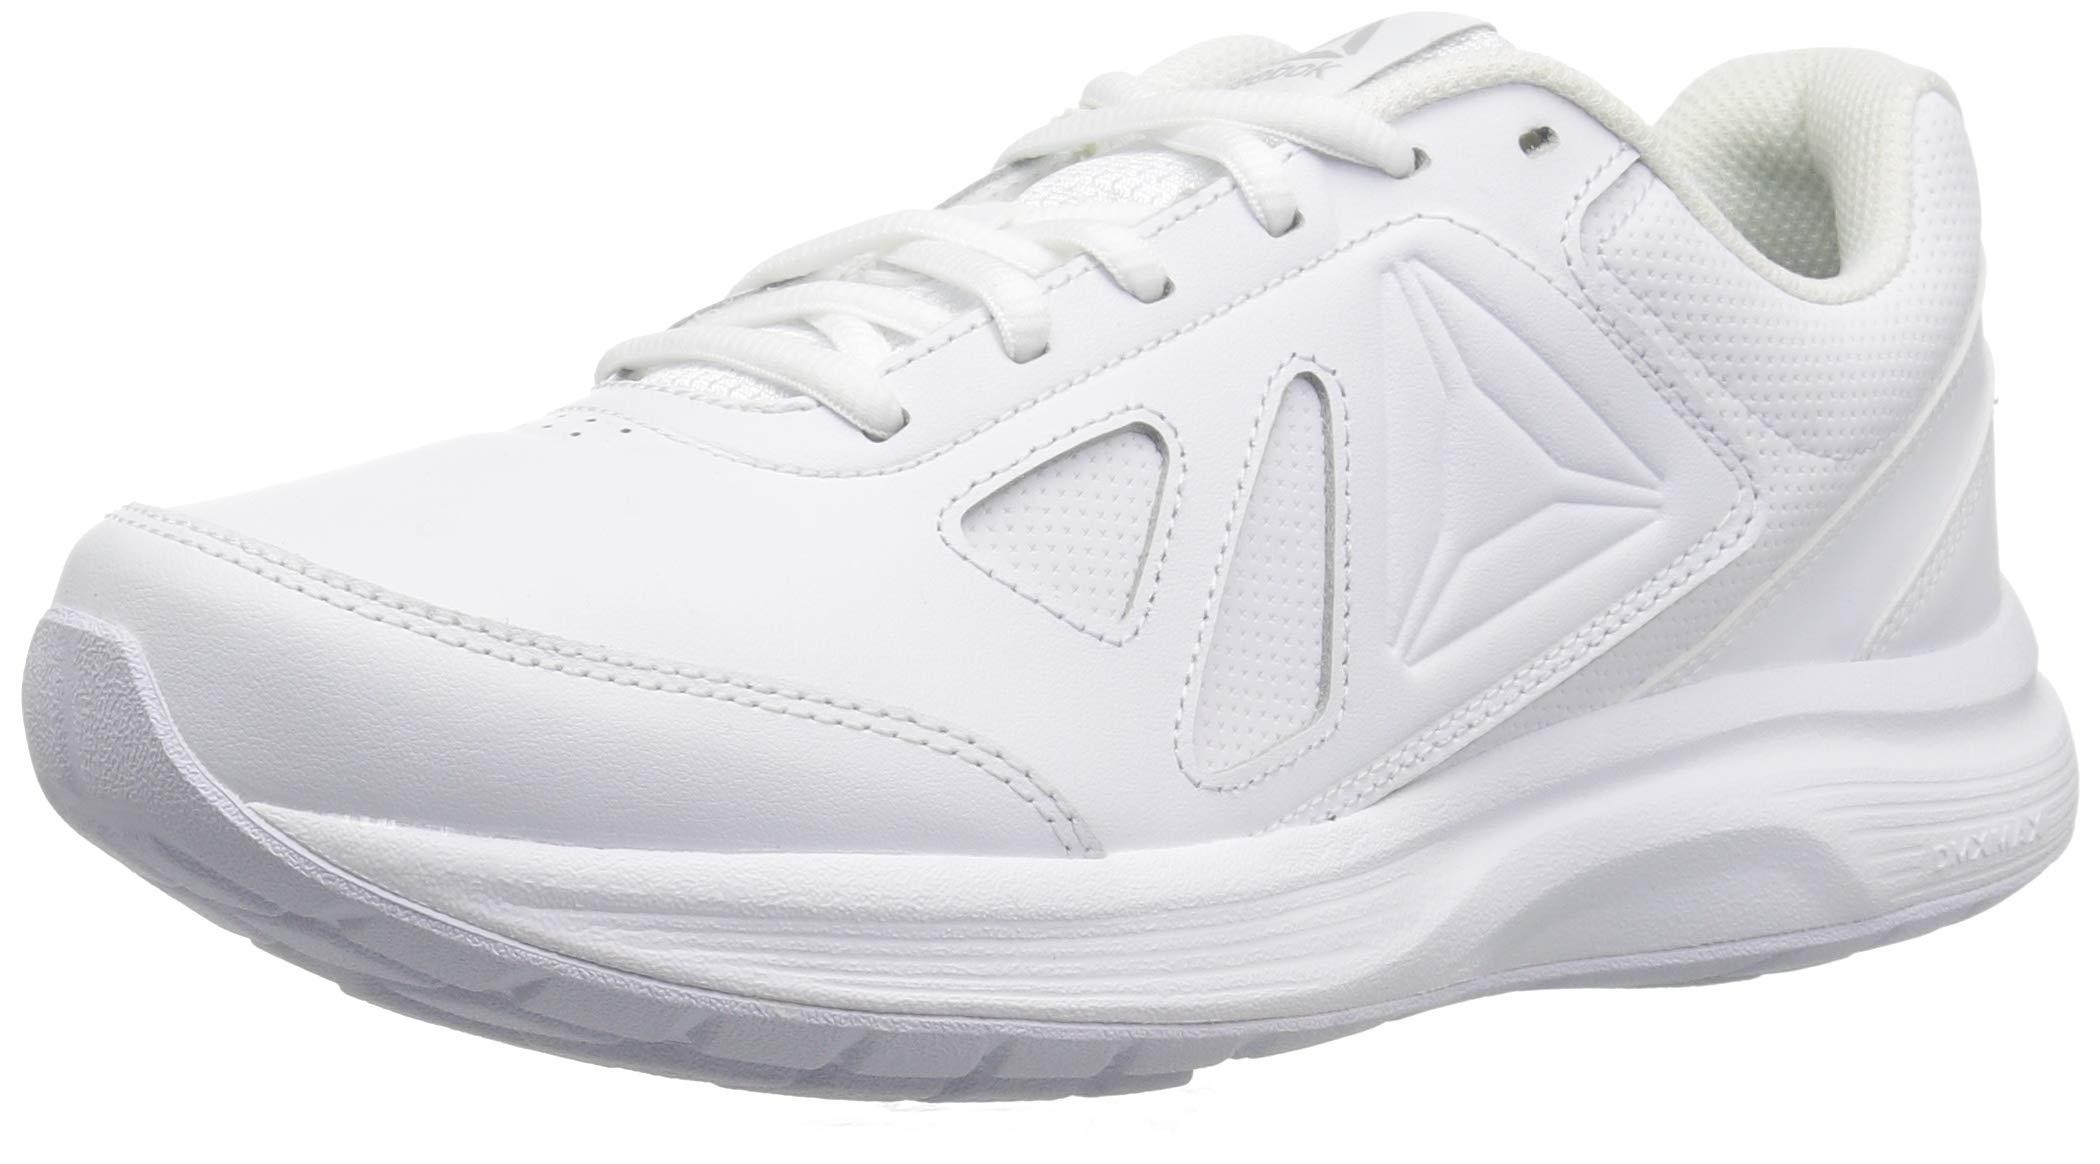 Reebok Women's Walk Ultra 6 DMX Max Shoe, White/Steel, 8.5 M US by Reebok